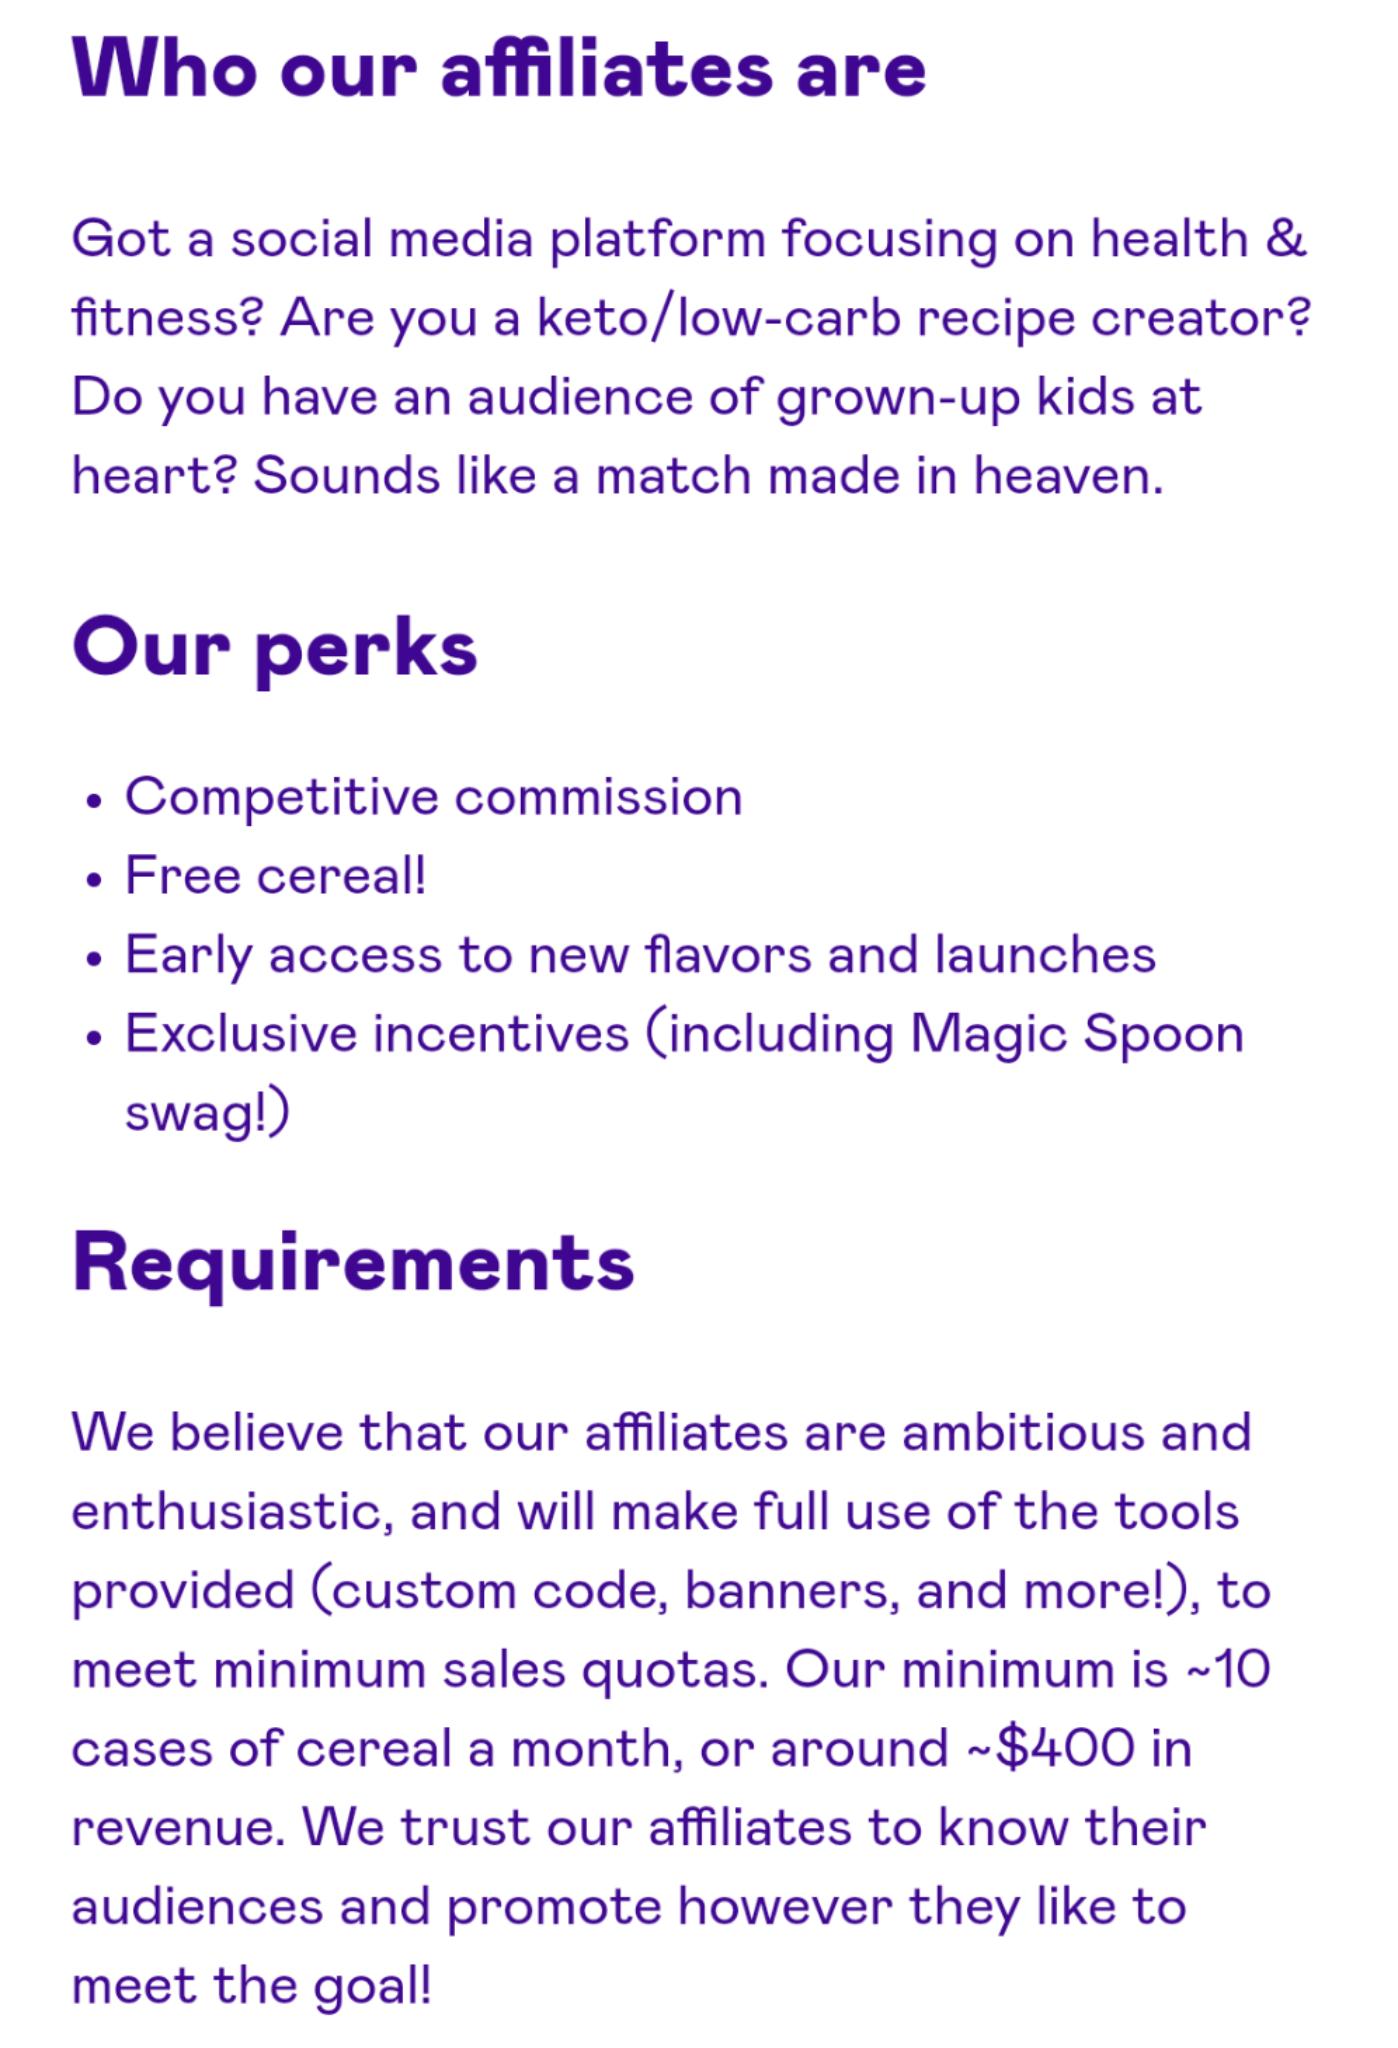 Requisitos del programa de marketing de afiliados de Magic Spoon